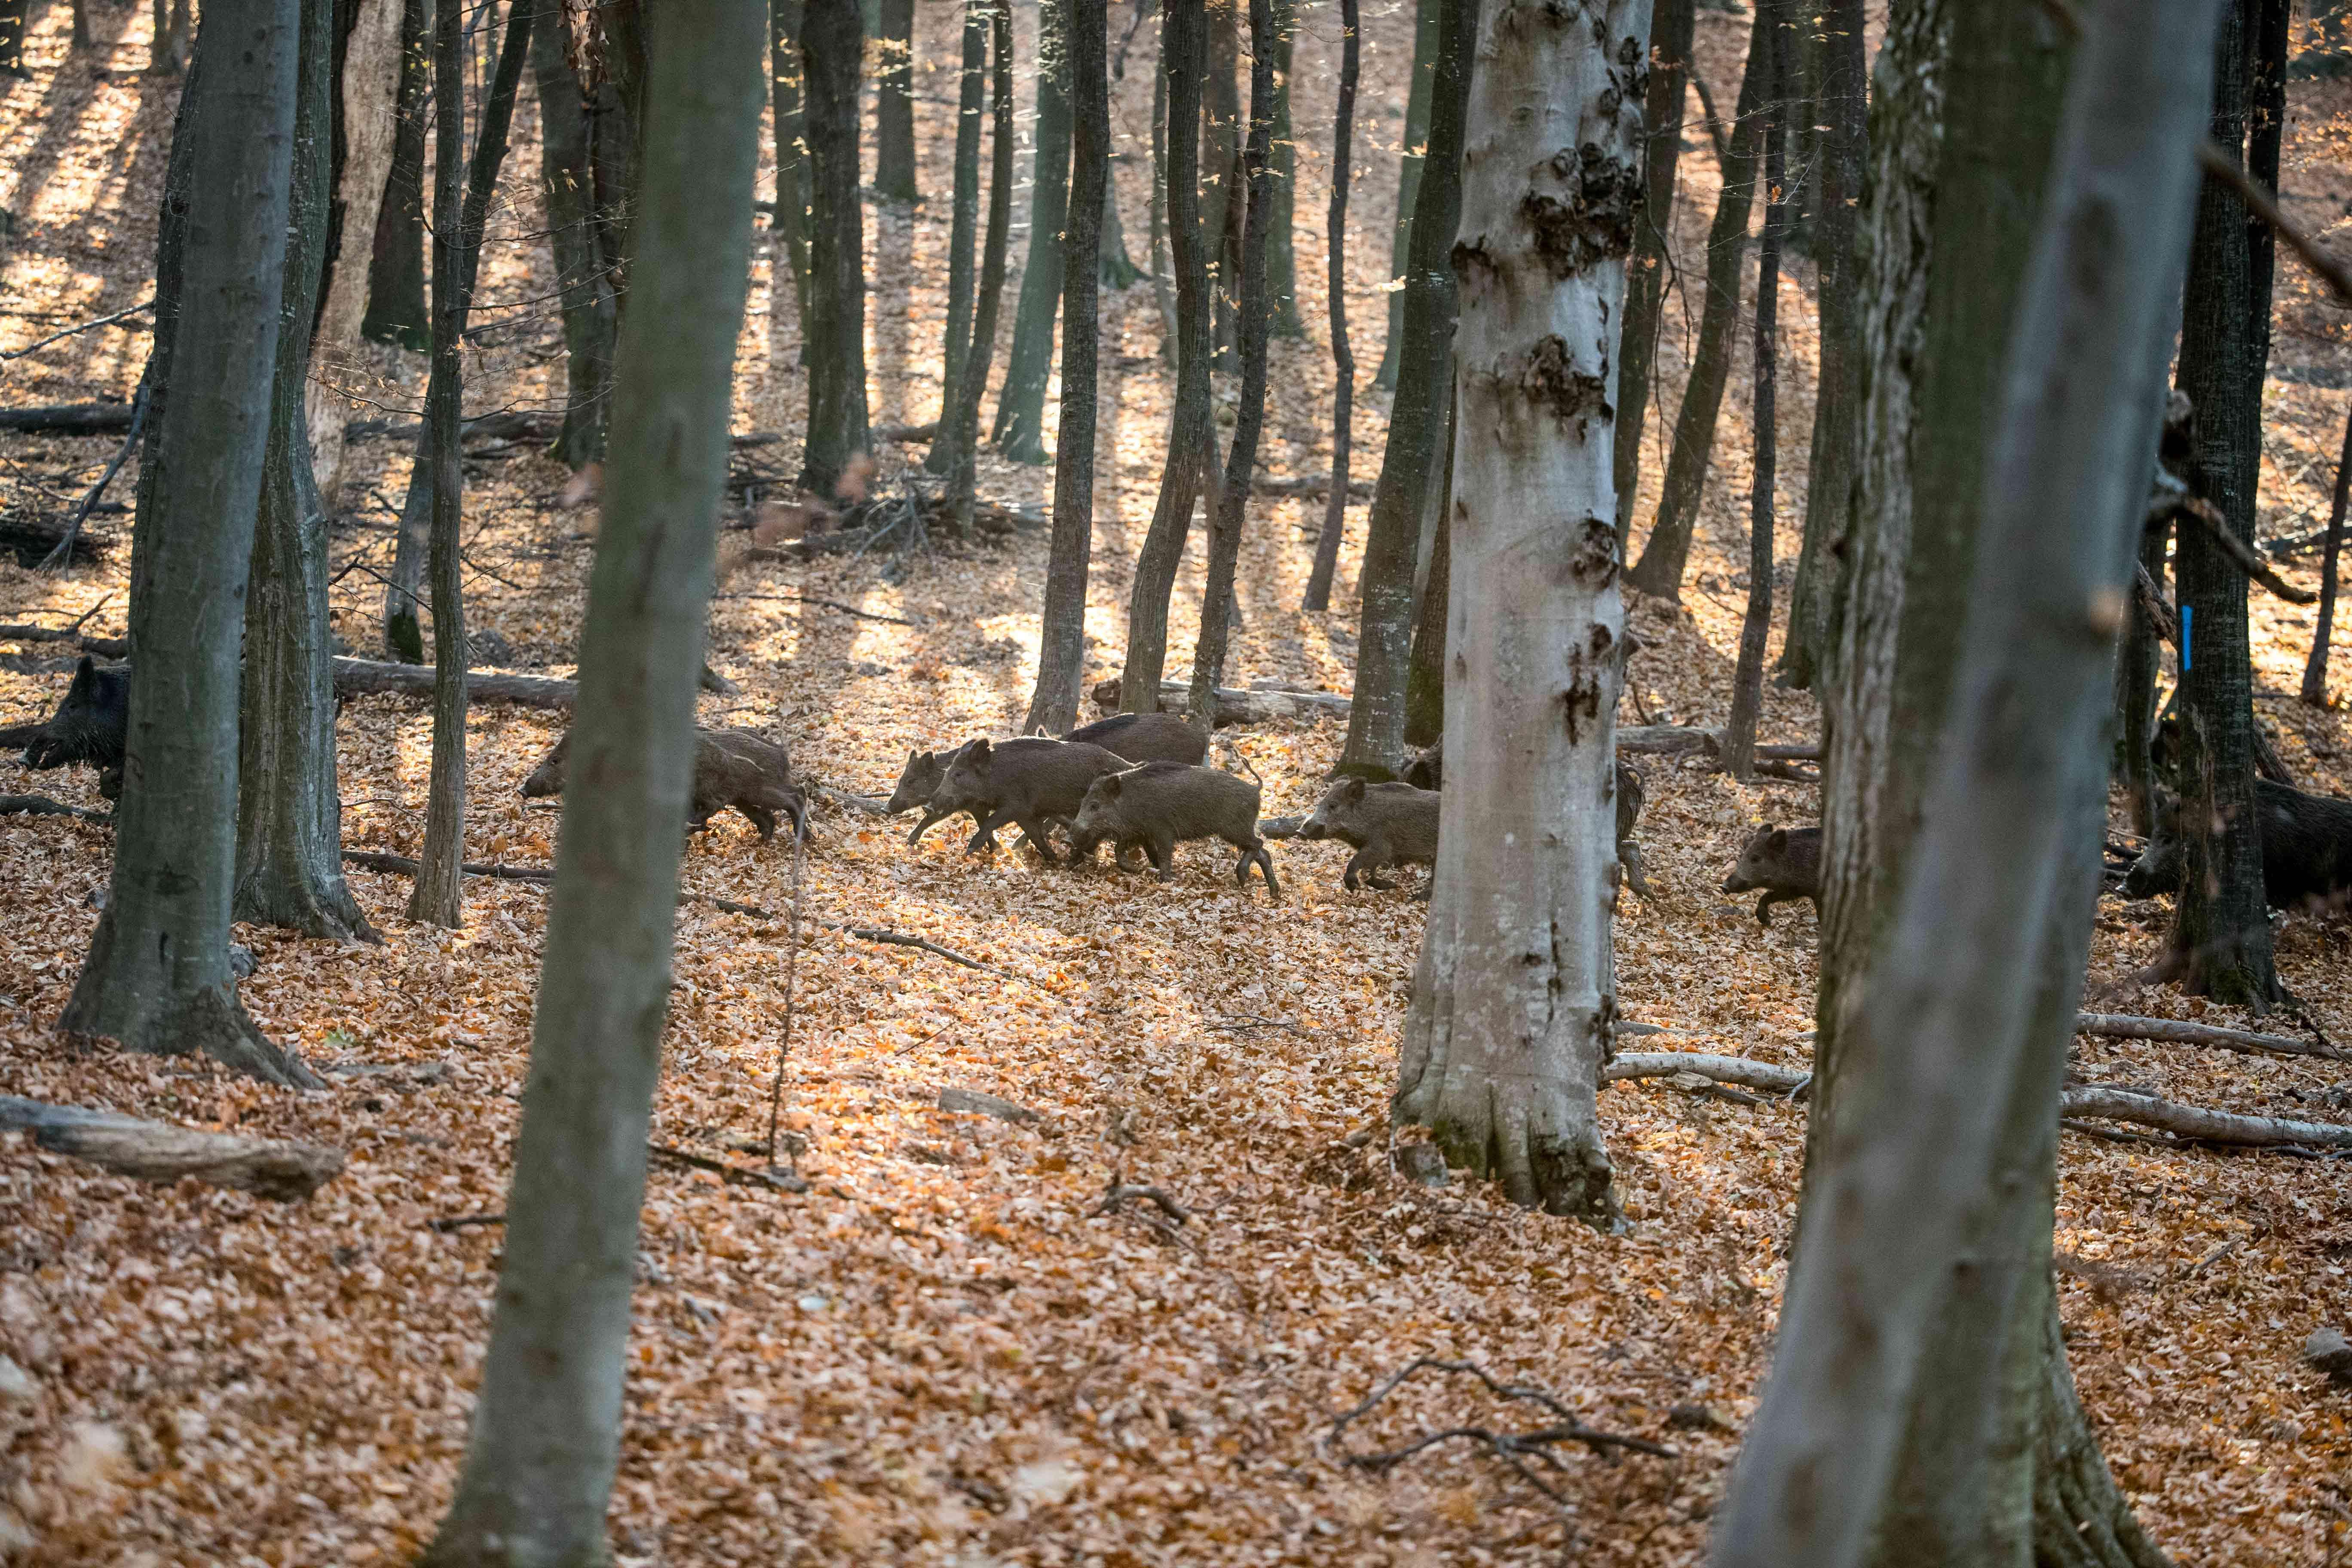 Wenn es zur Sauenbejagung kommt, gibt es viele verschiedene Ansätze und Methoden. Hubertus Meyer-Loos erläutert, wie wir Jäger Sauen hegen sollten.